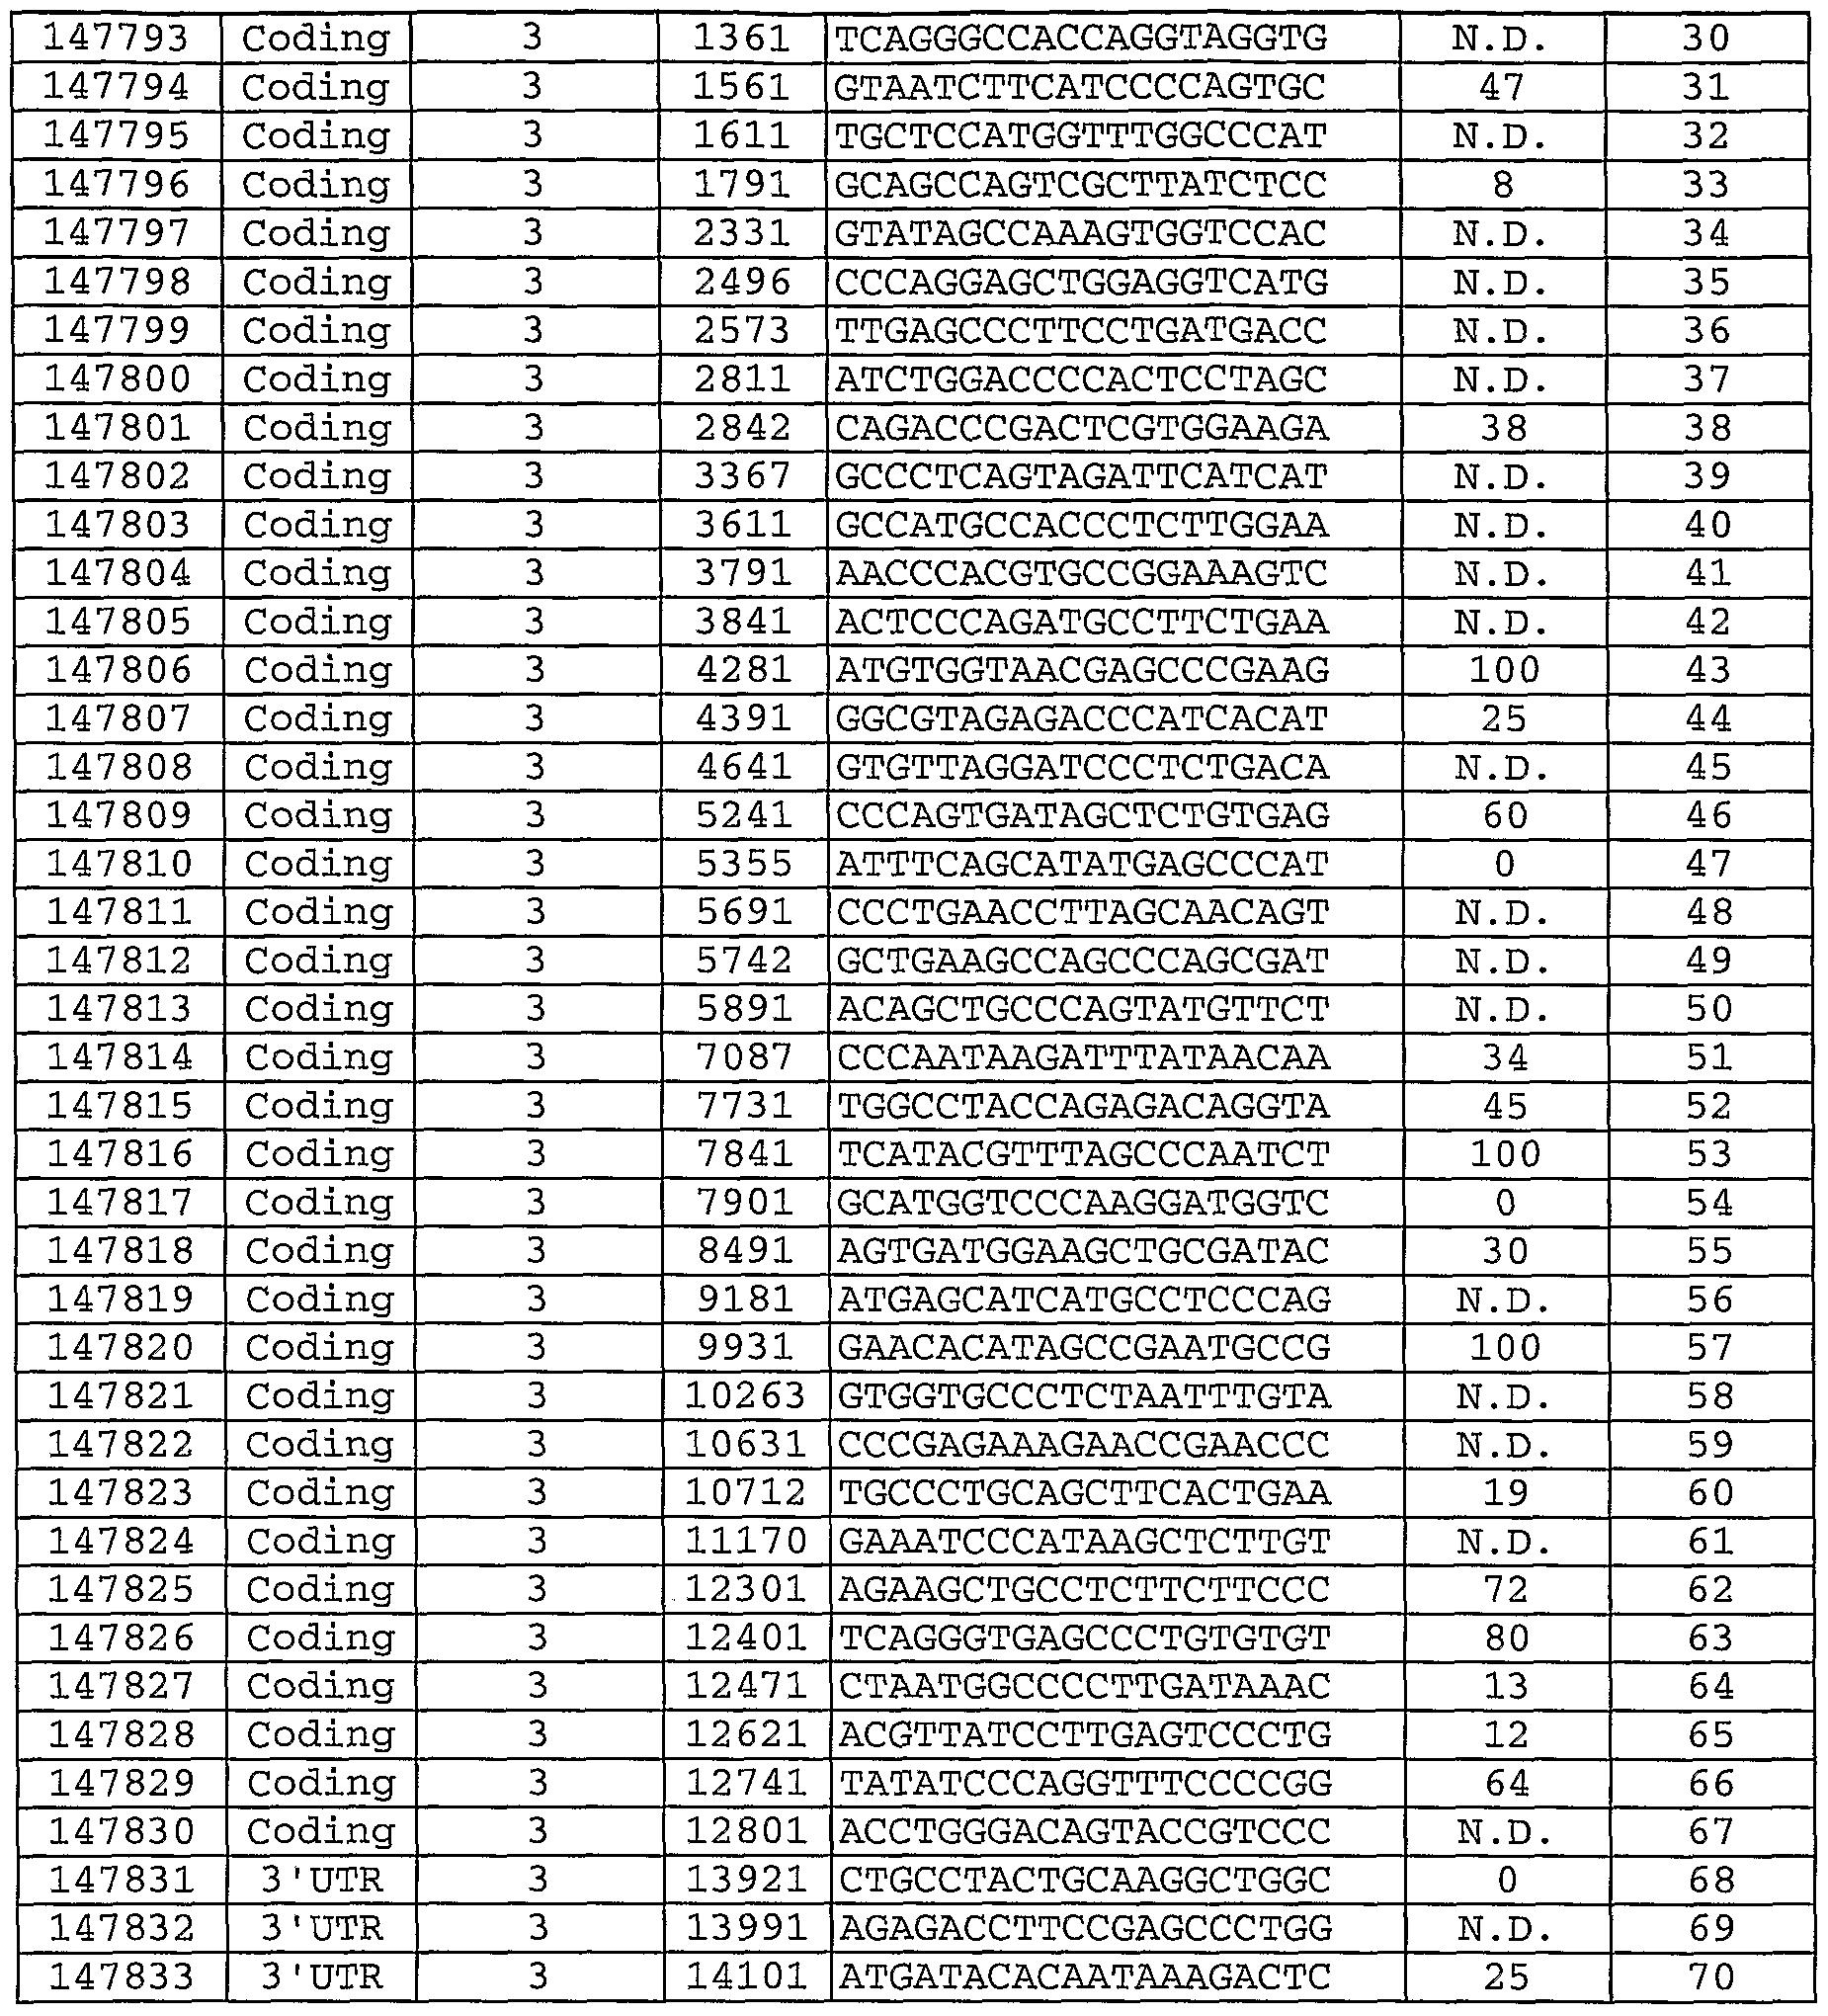 WO2004044181A2 - Antisense modulation of apolipoprotein b expression